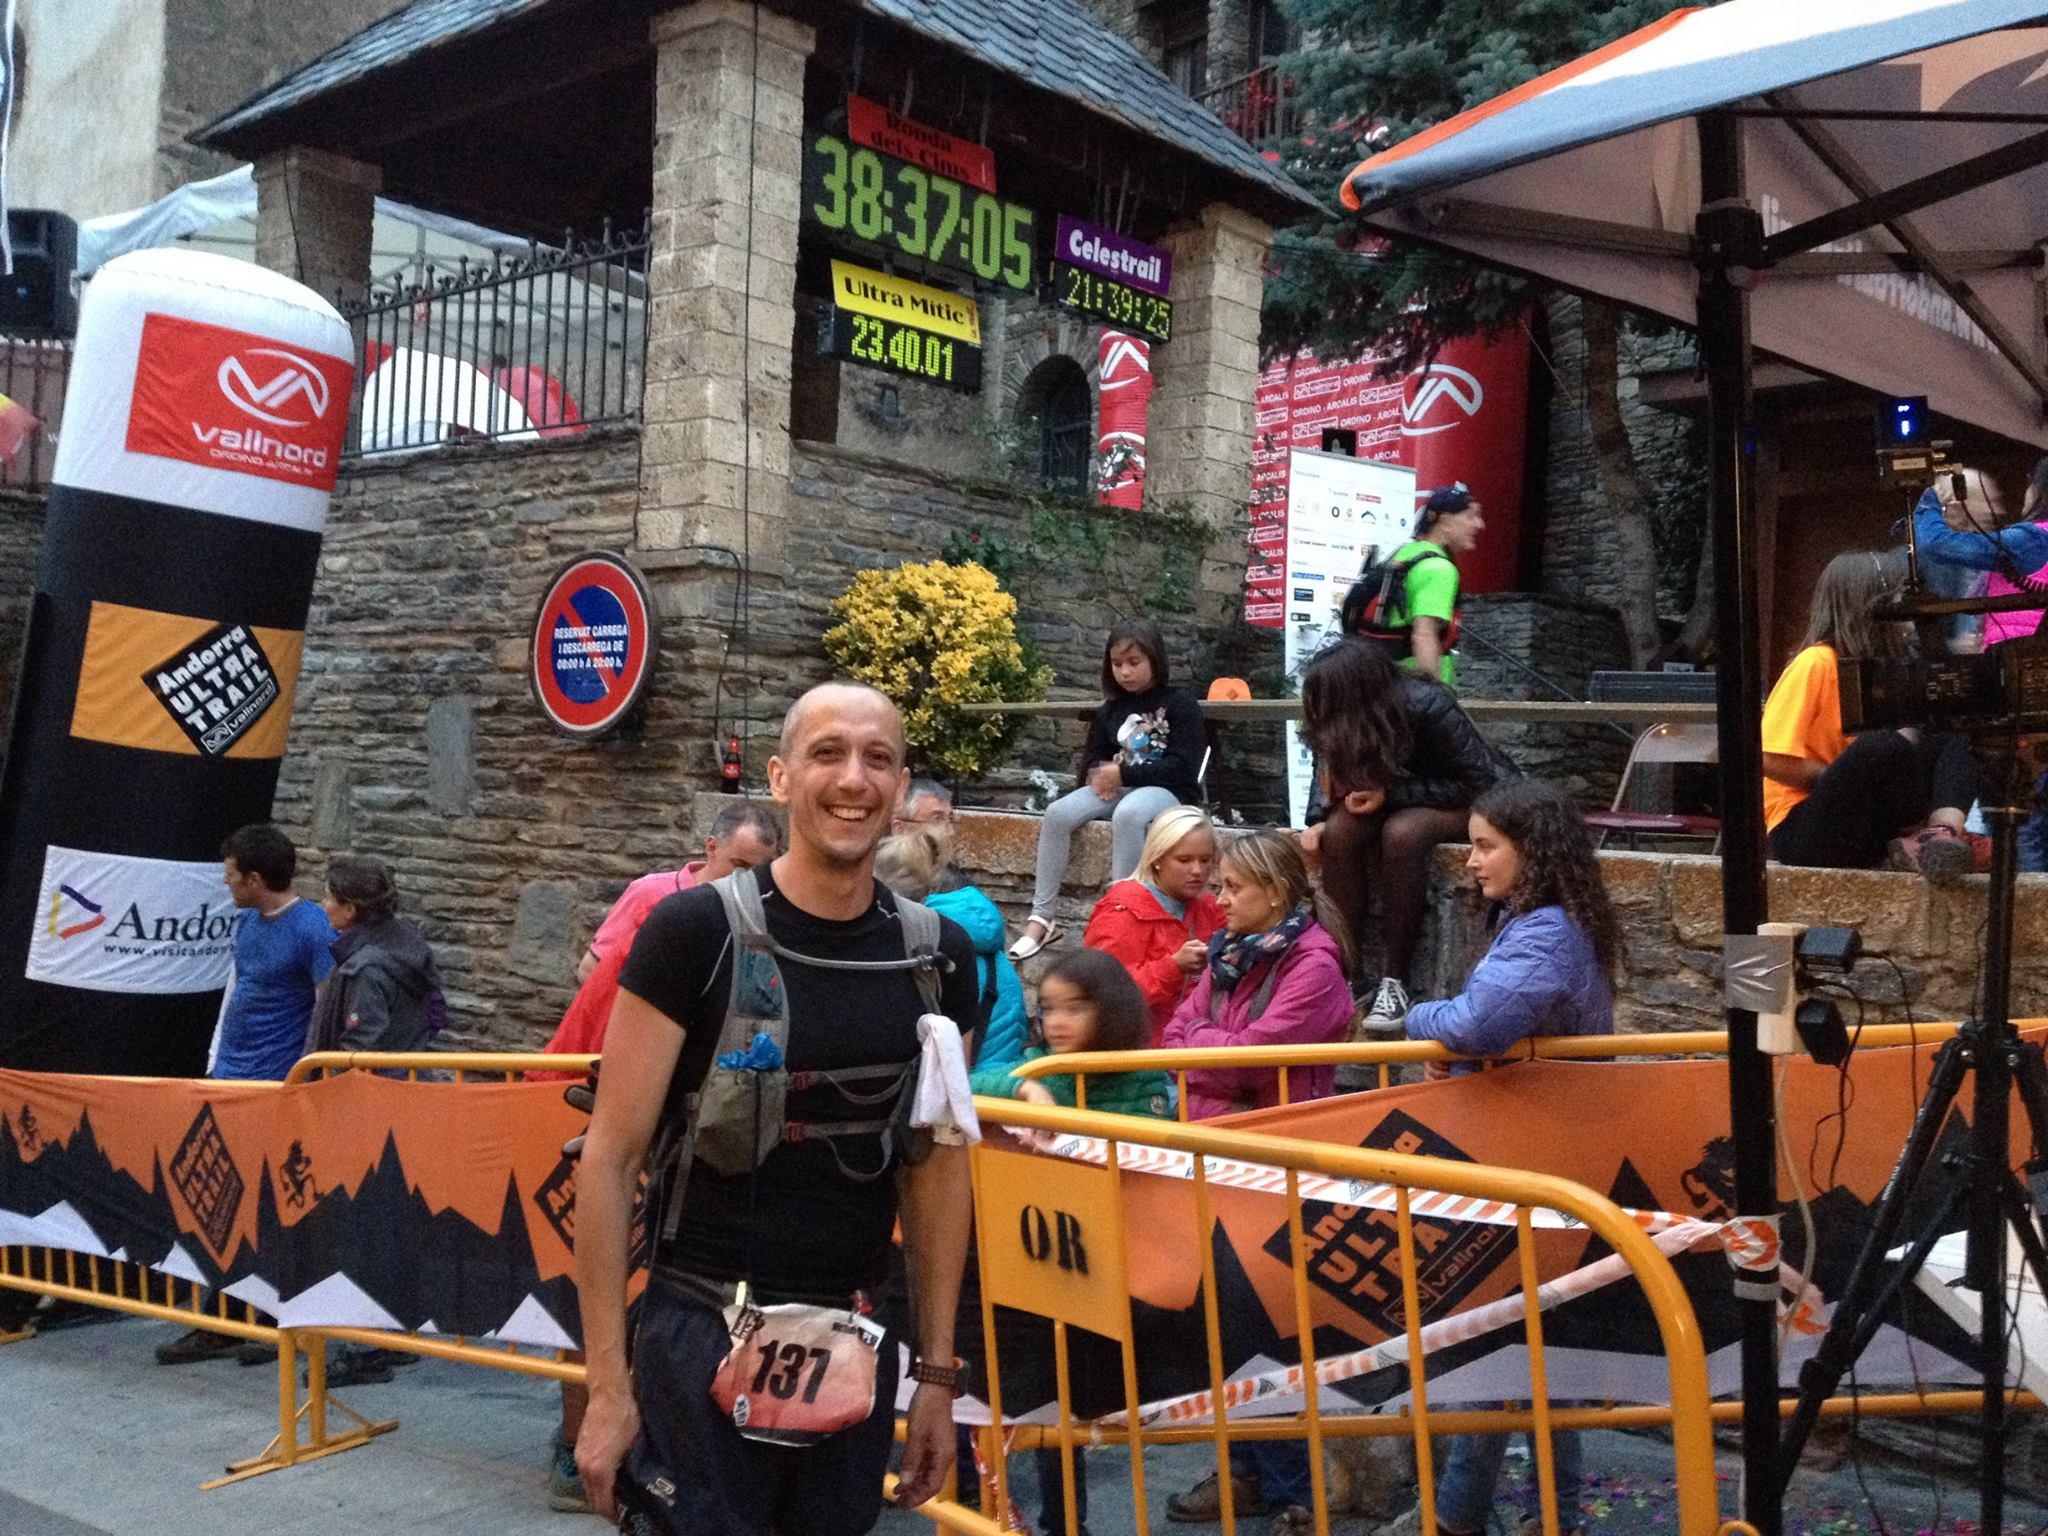 Michał Kołodziejczyk na mecie Andorra Ultra Trail. Fot. Archiwum autora